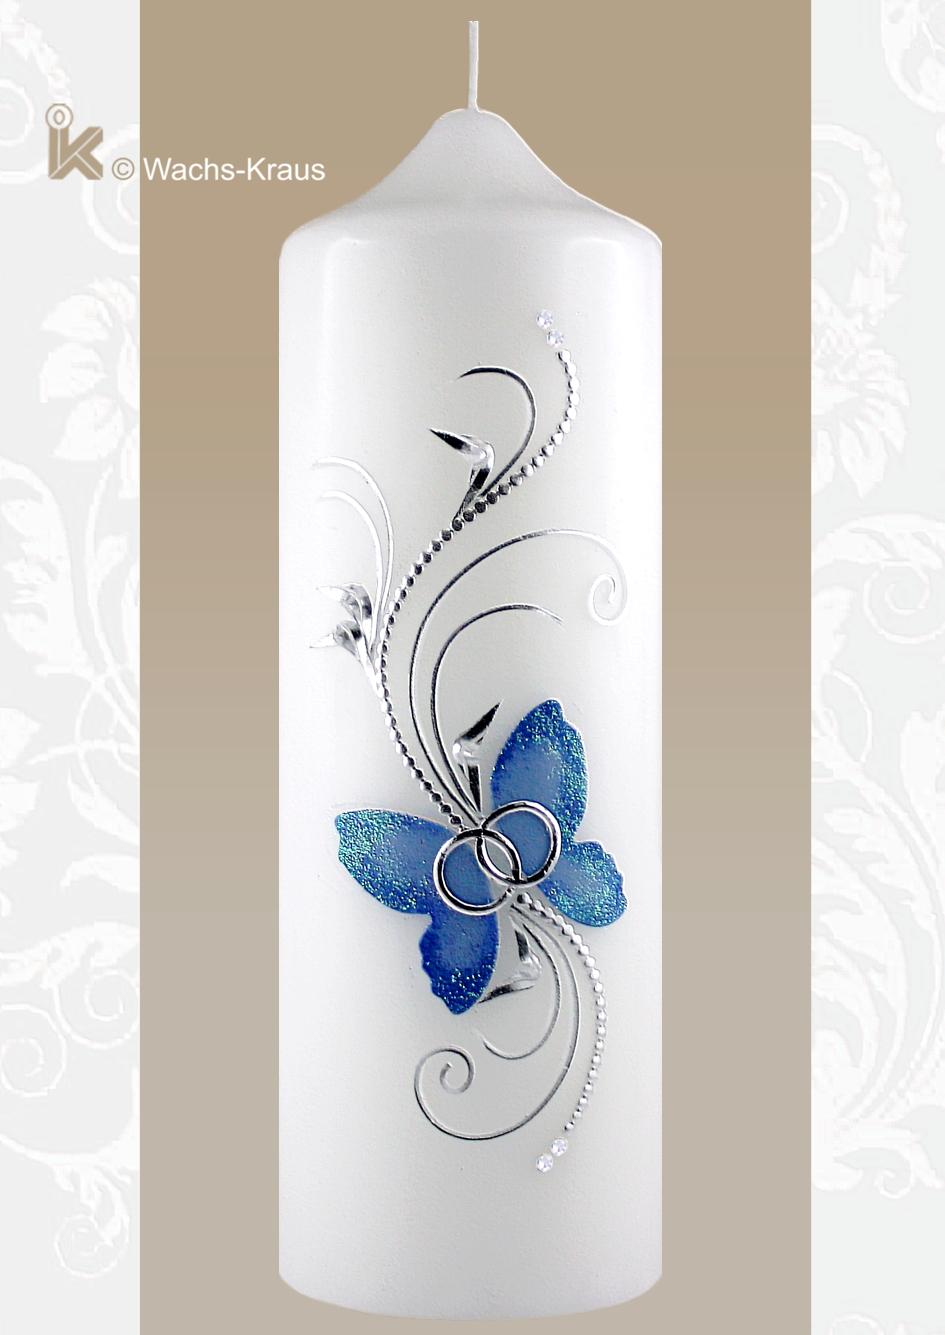 Außergewöhnliche Hochzeitskerze mit dem blauen Schmetterling, dezentem Glimmer an den Flügeln, zart verspielten Bordüren und Blättern.